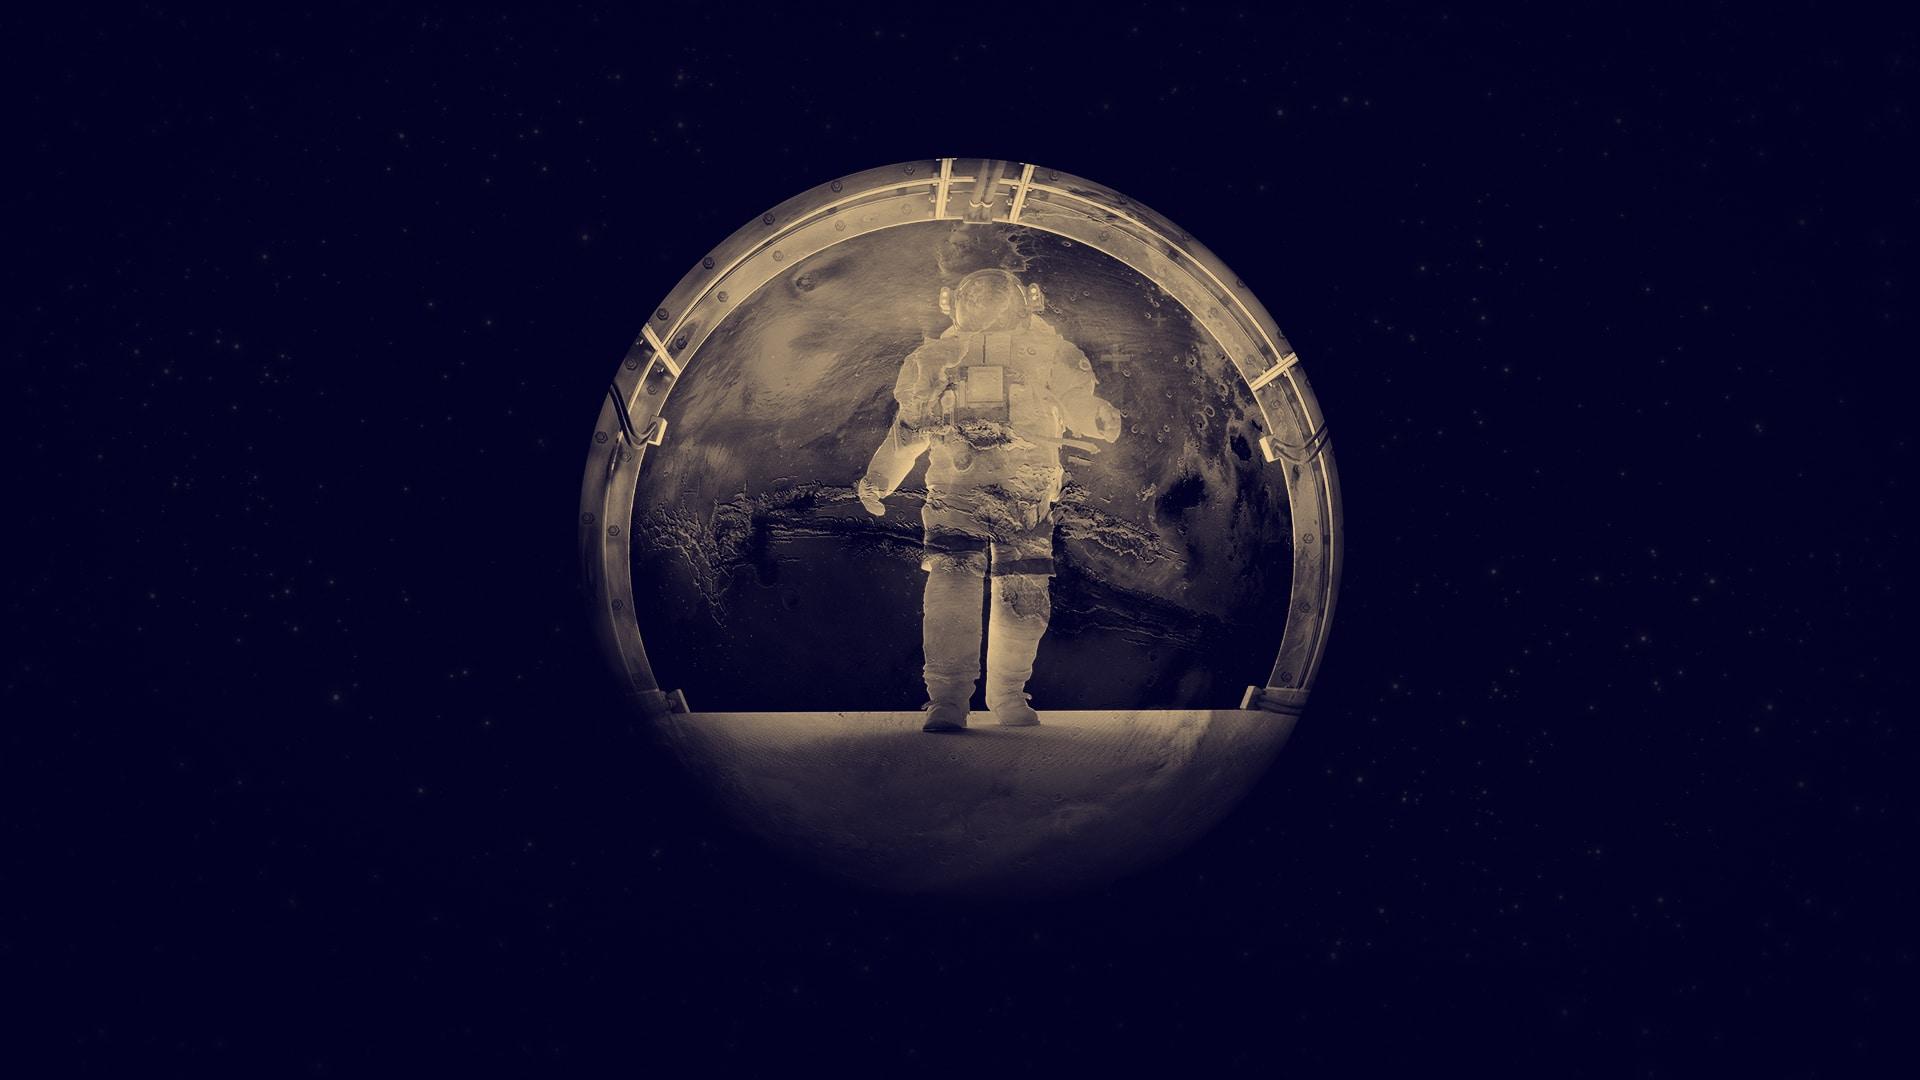 Astronaute qui s'avance dans un hublot qui reflète la planète Mars dans un effet de double exposition